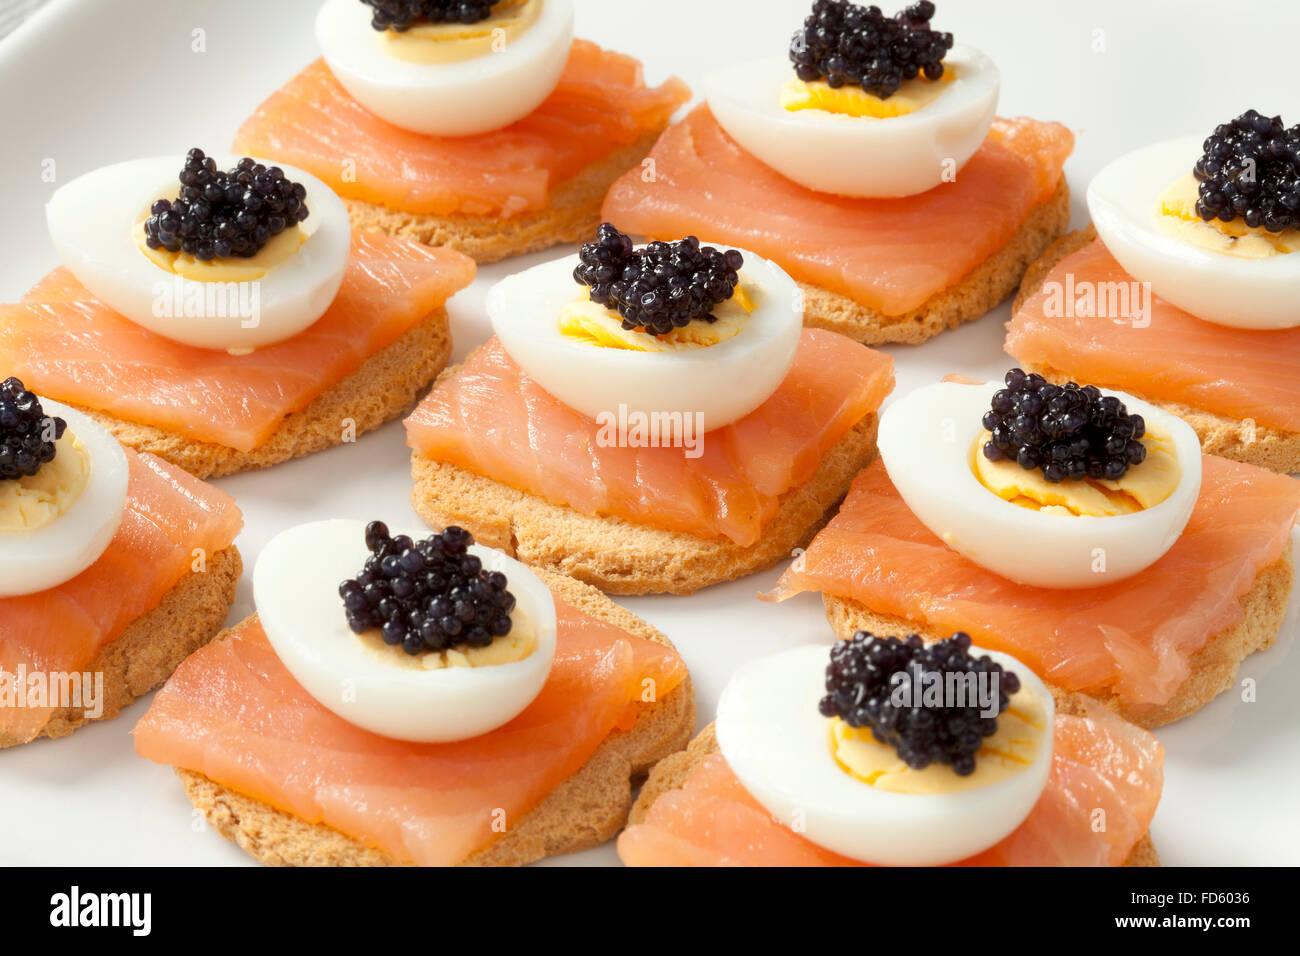 Snack con salmón, huevos de codorniz y lump roe sobre pan tostado Imagen De Stock